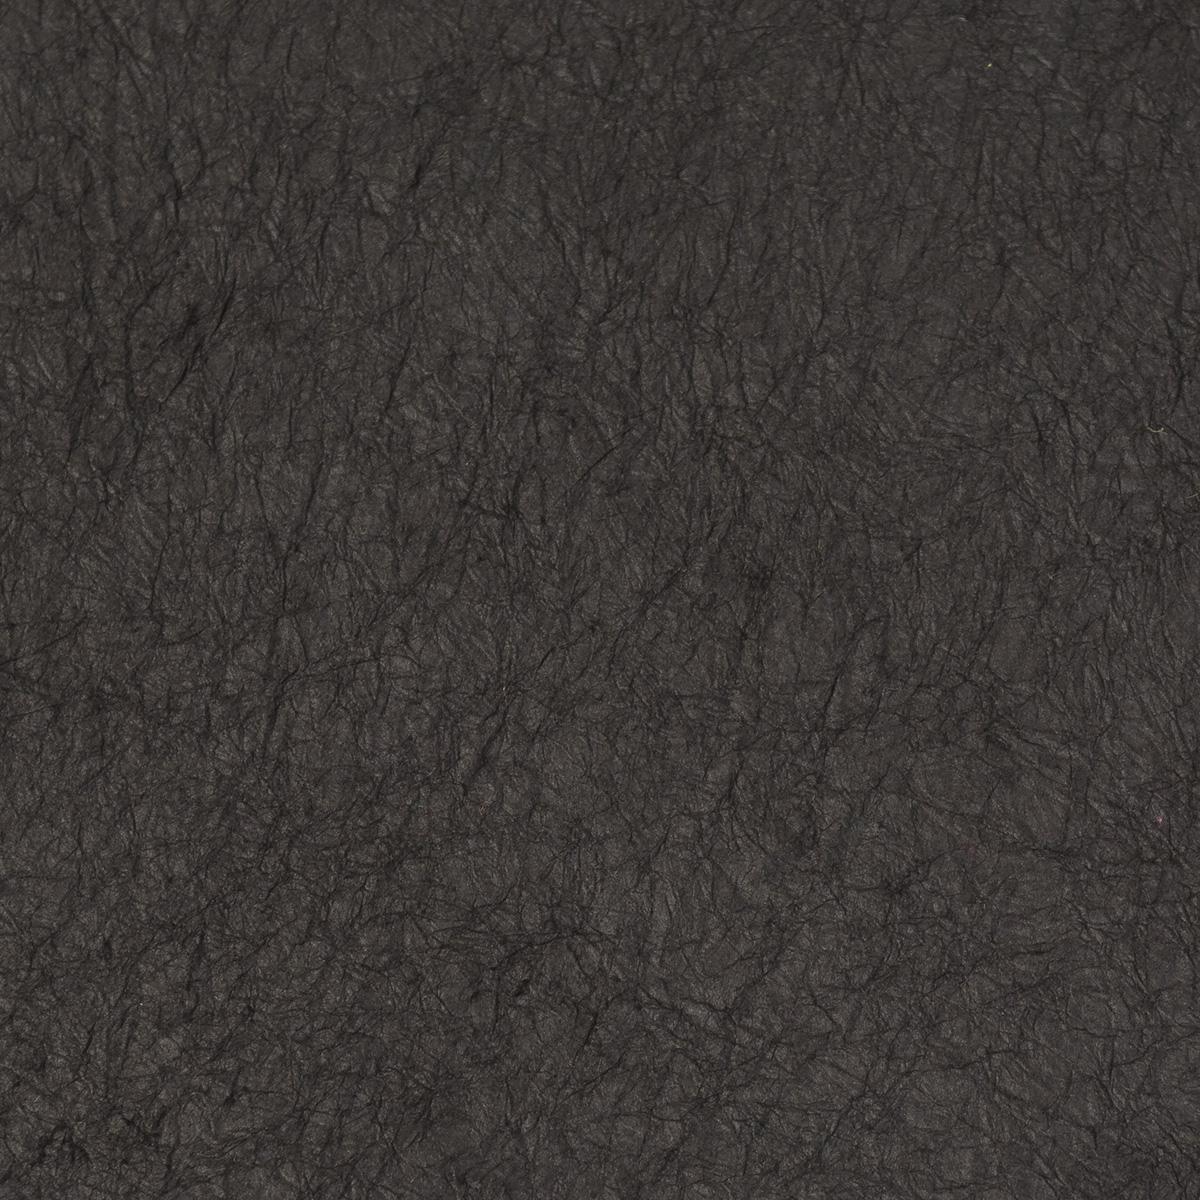 王朝のそめいろ 厚口 47番 橡 (黒)